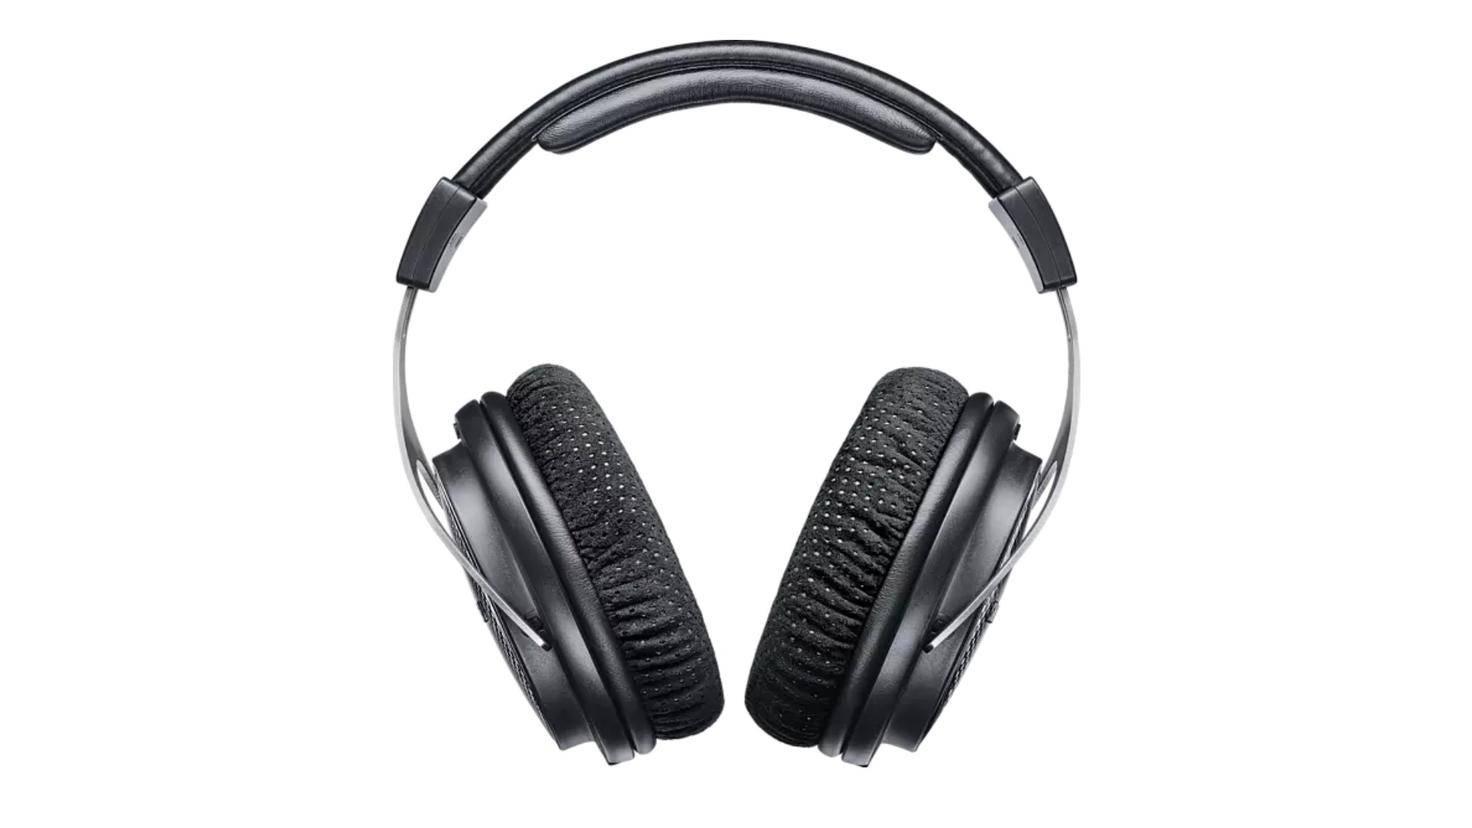 shure-srh-1540-kopfhoerer-over-ear